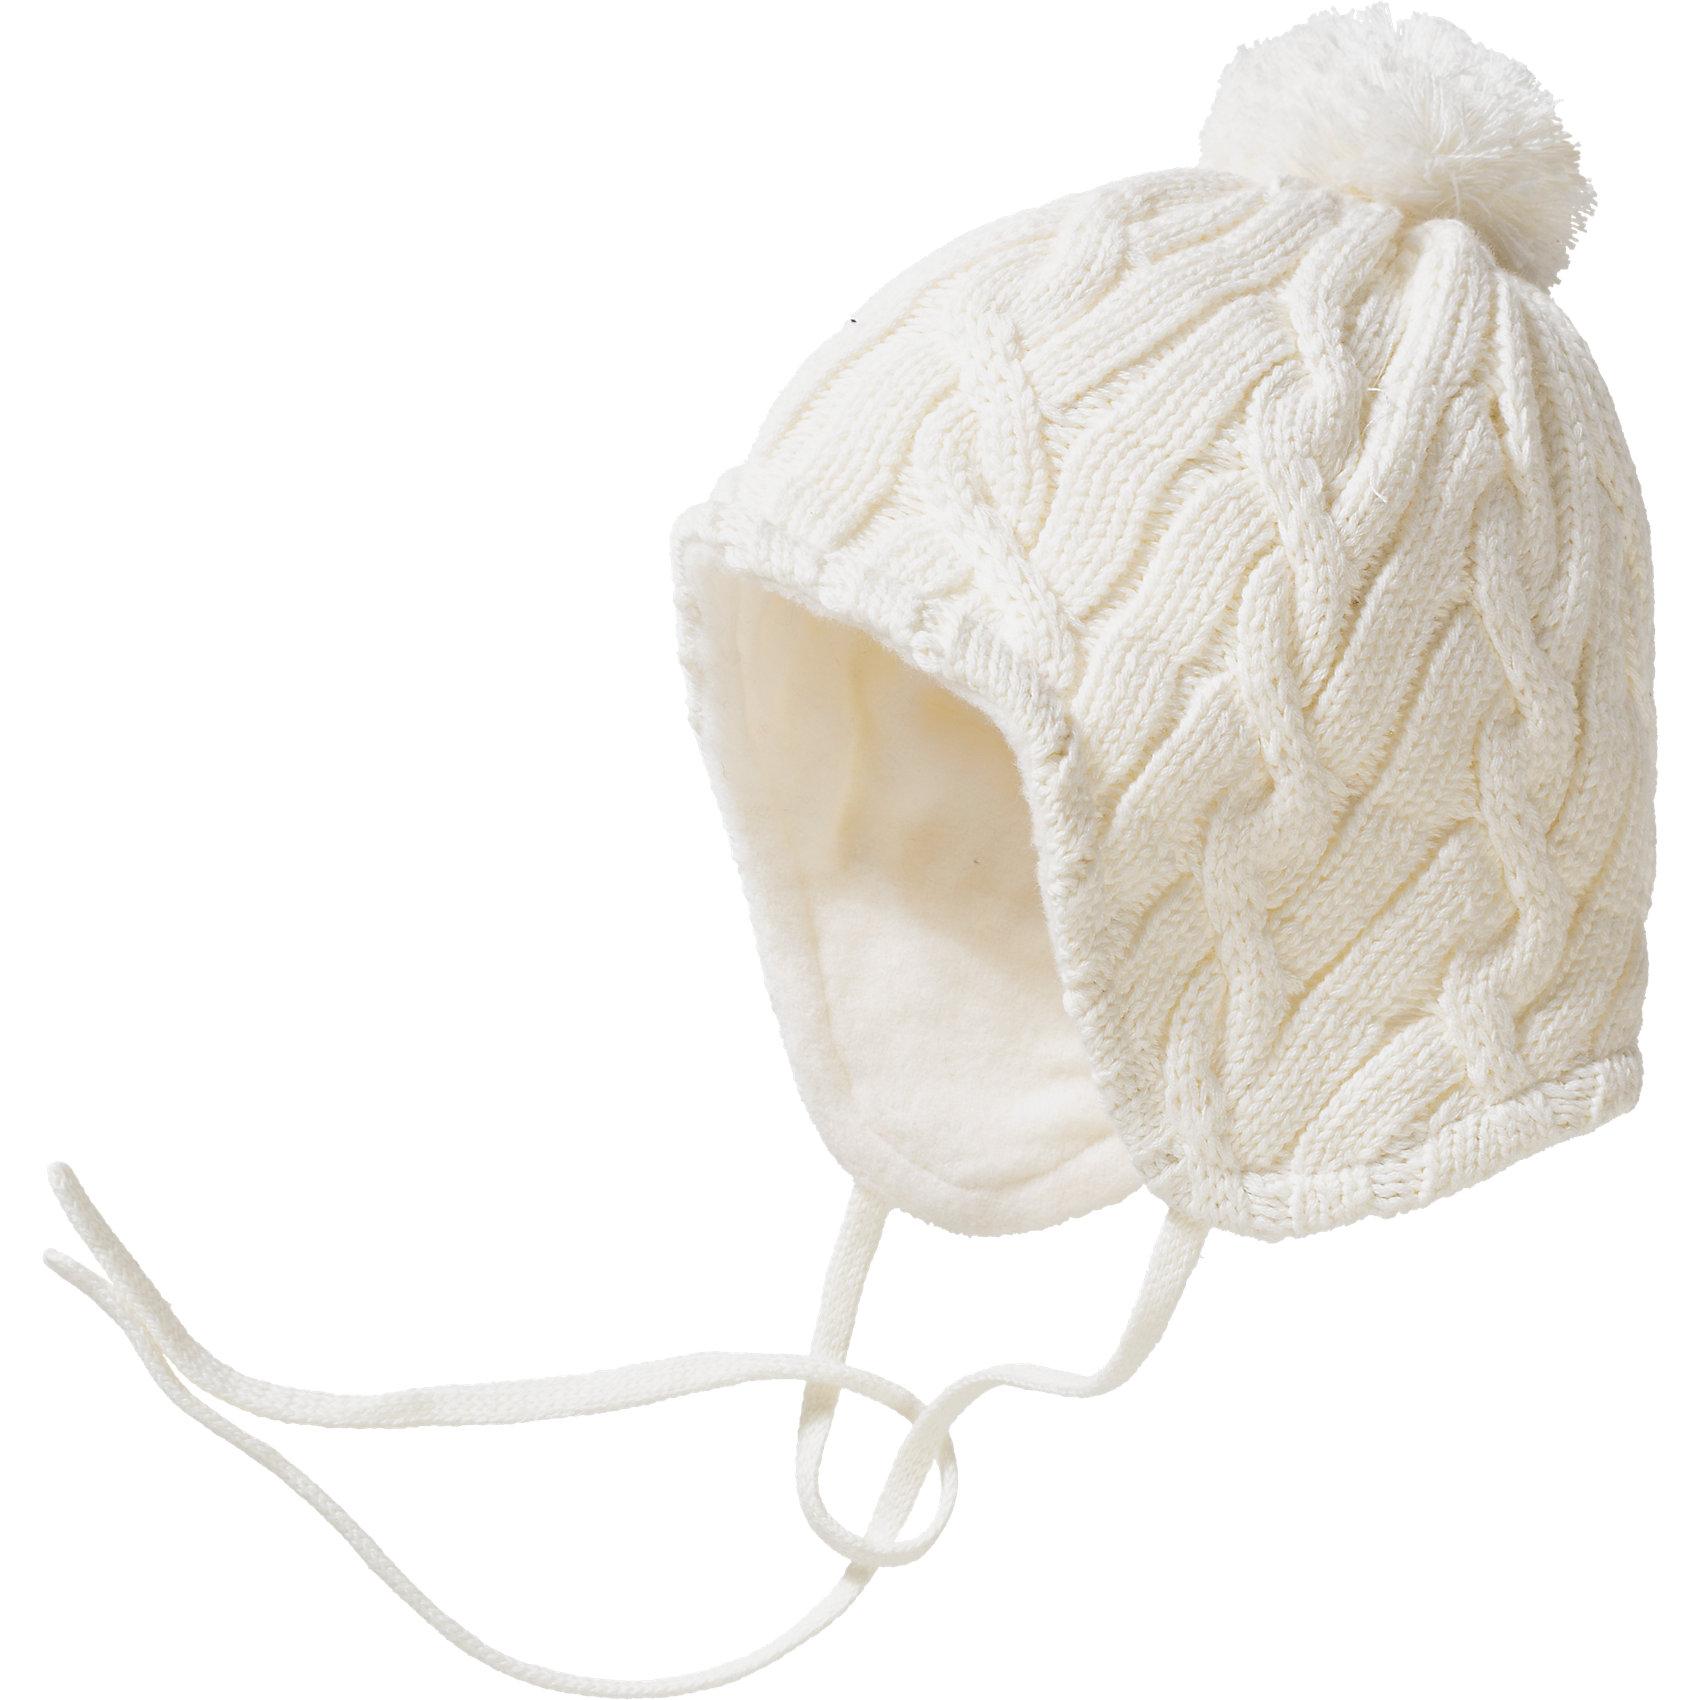 Neu Sterntaler Baby Bommelmütze zum Binden für Mädchen 6063995 für ... 7f8f679454